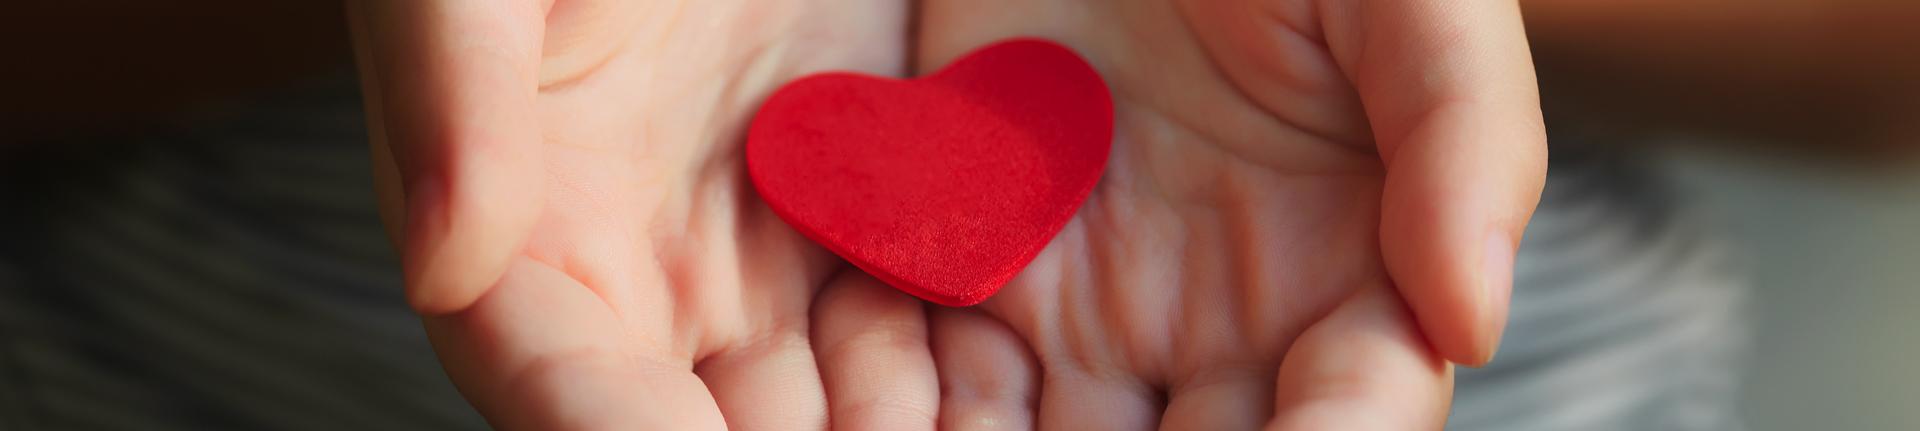 Doação de órgãos: conheça uma história cheia de atitude Bemglô